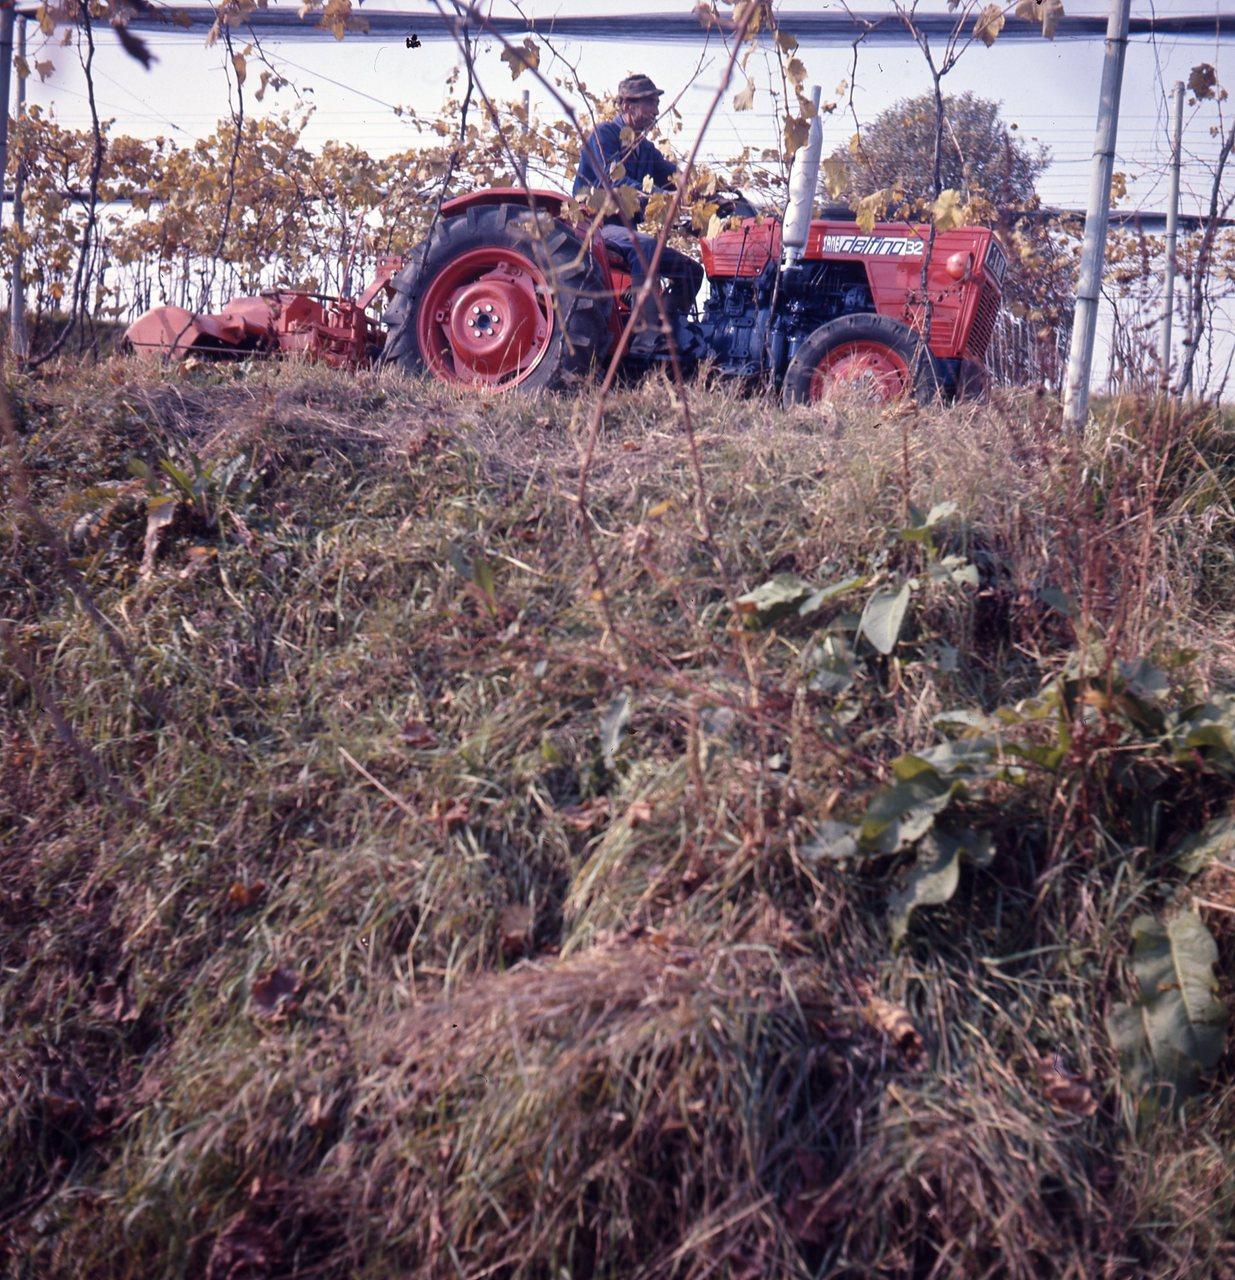 [SAME] Delfino 32 c/o az. Barcella - Brusaporto dic. 1971